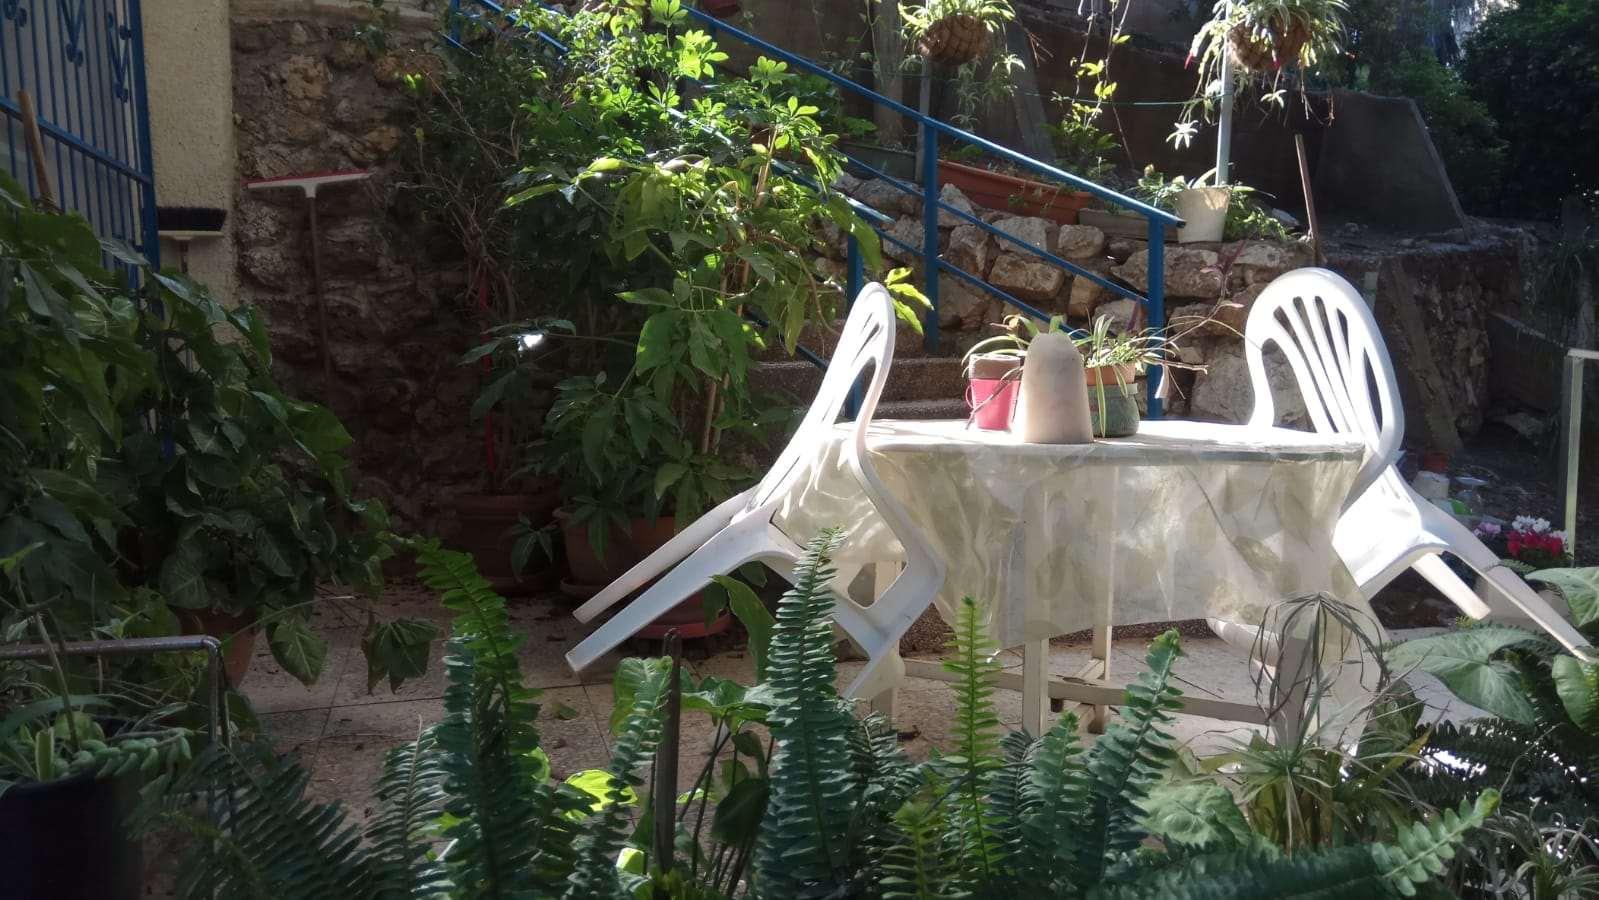 דירת גן להשכרה לנופש ותקופות קצרות 3 חדרים ברג הפרסה